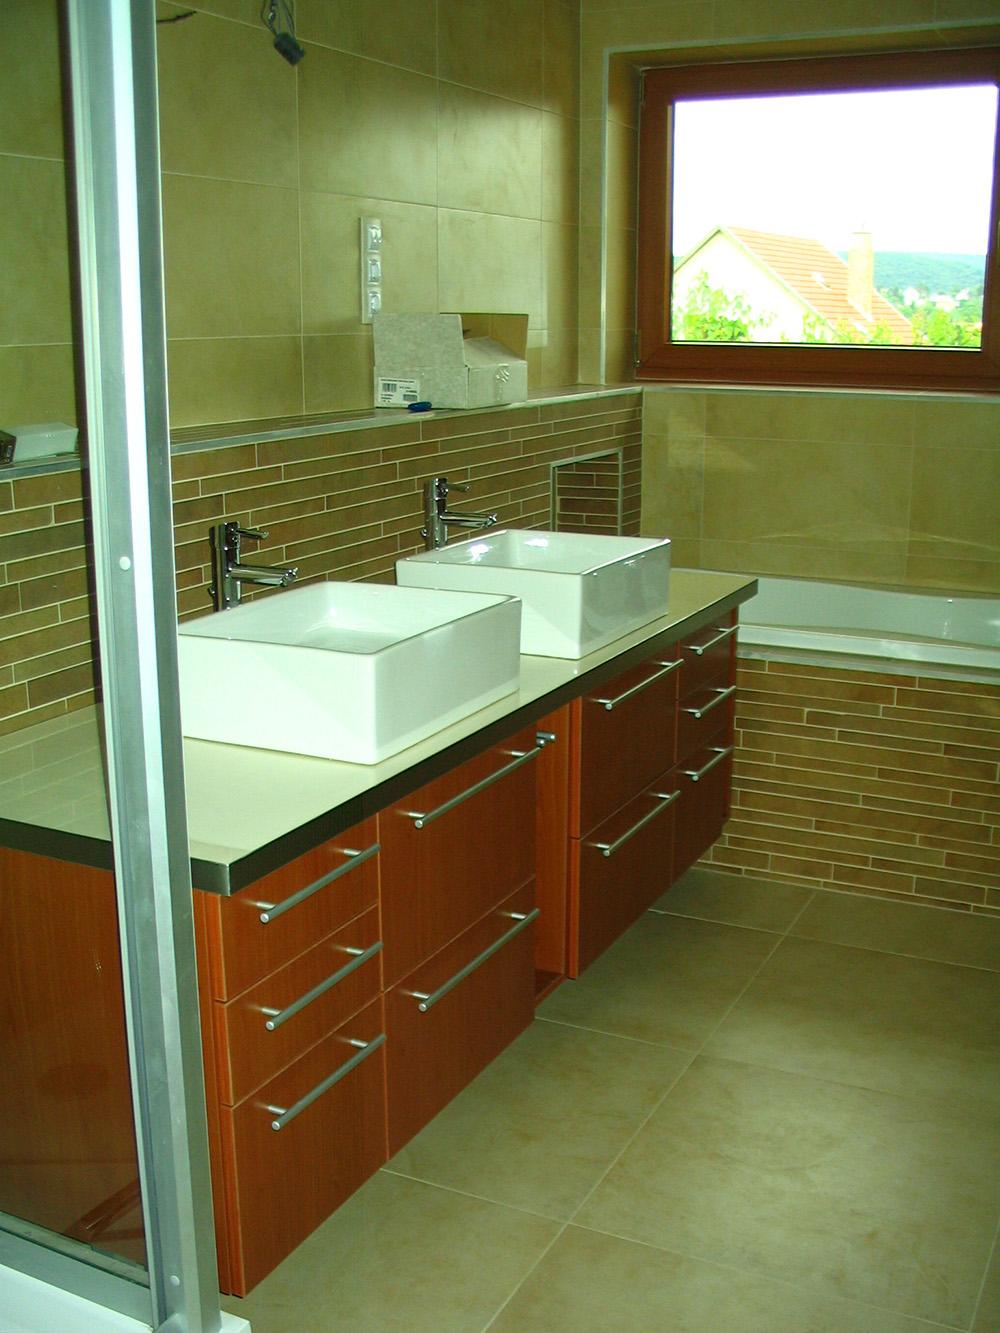 Fürdőszobabútor - dupla mosdós kombináció (2)